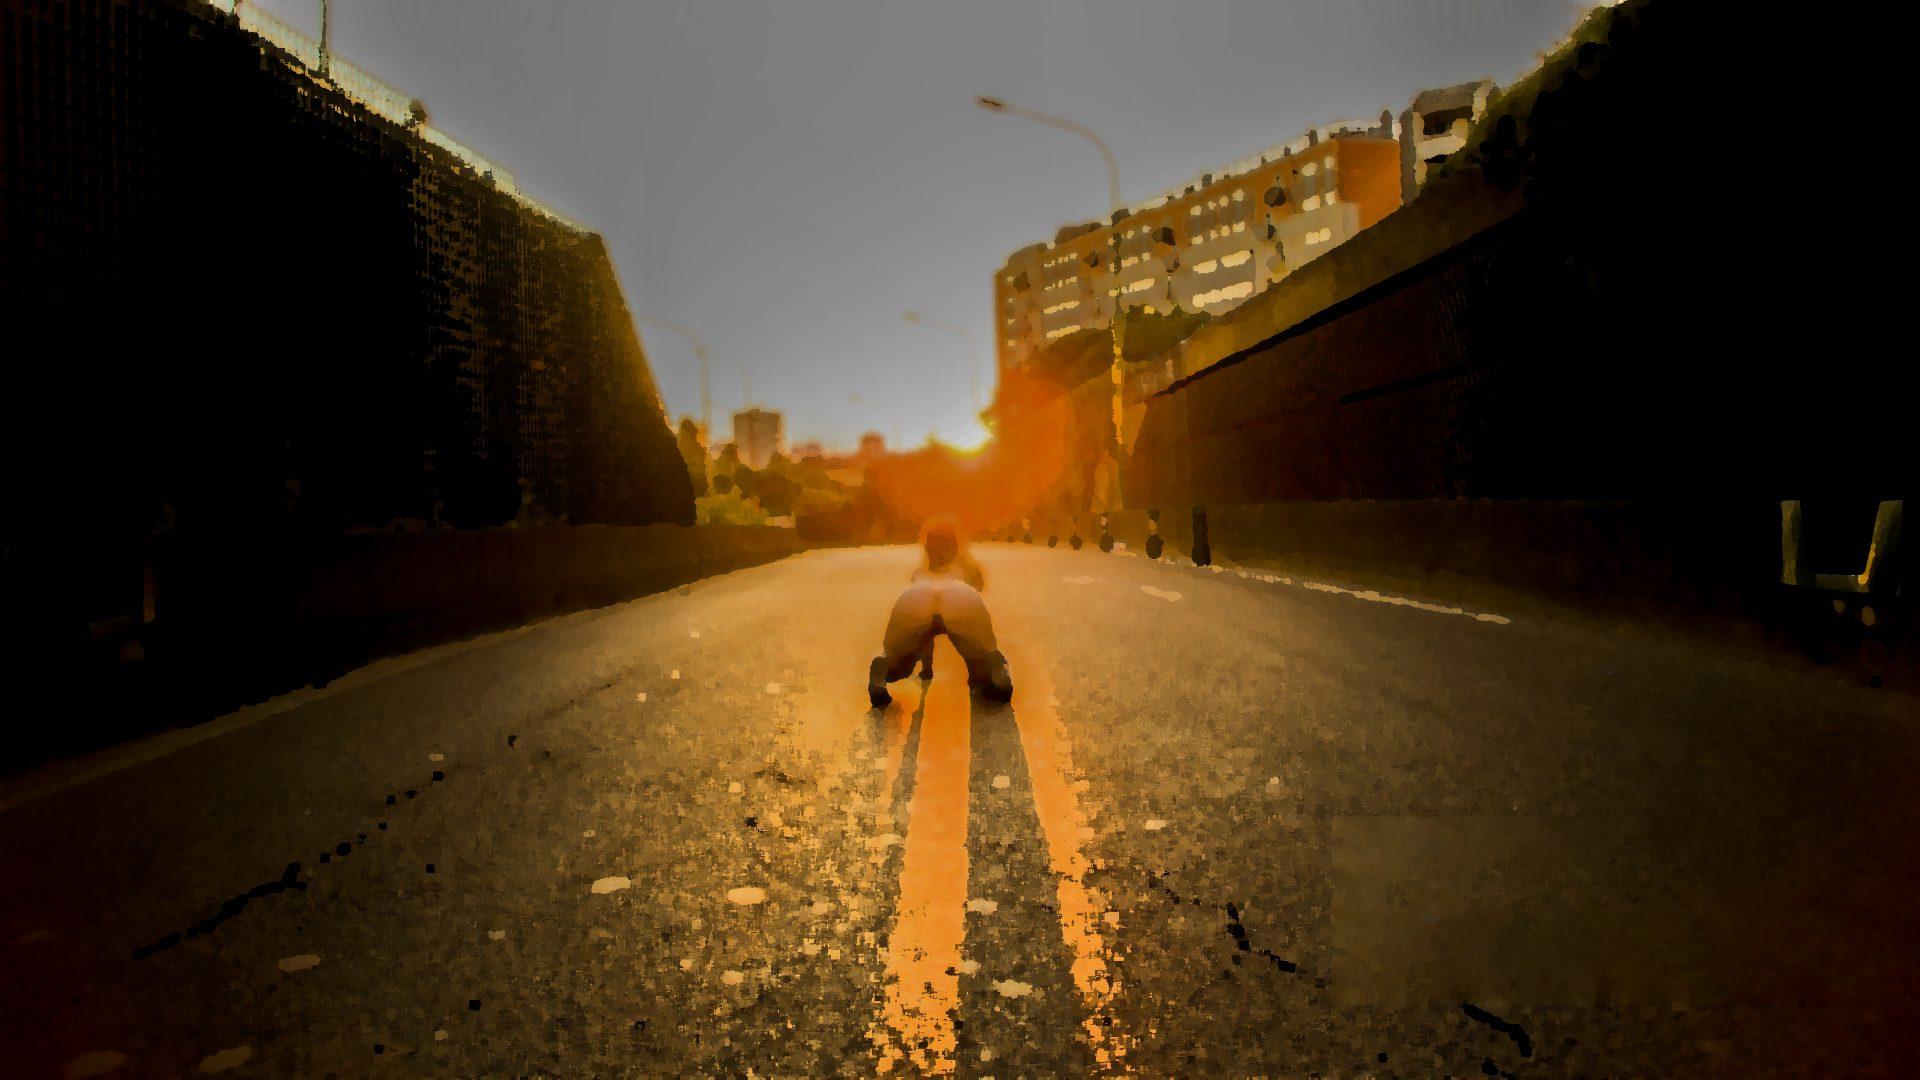 """Le soleil et la lune, une photo de la collection """"Art of Street Sex"""" par Les Chevaliers Photographes."""